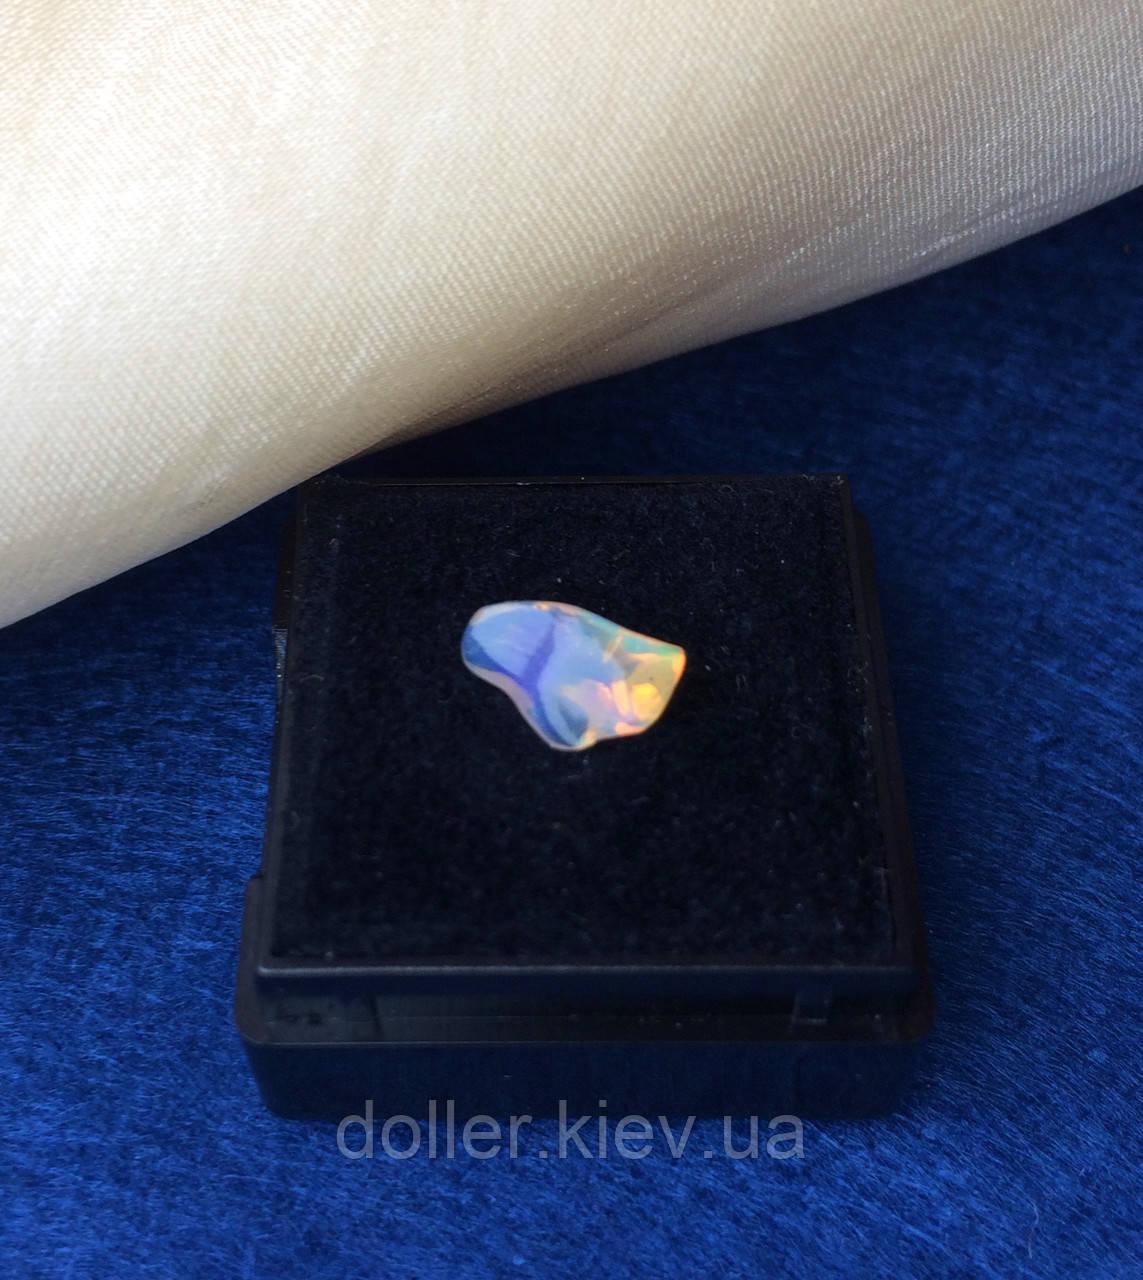 Благородный опал эфиопский, галтовка, натуральный поделочный камень